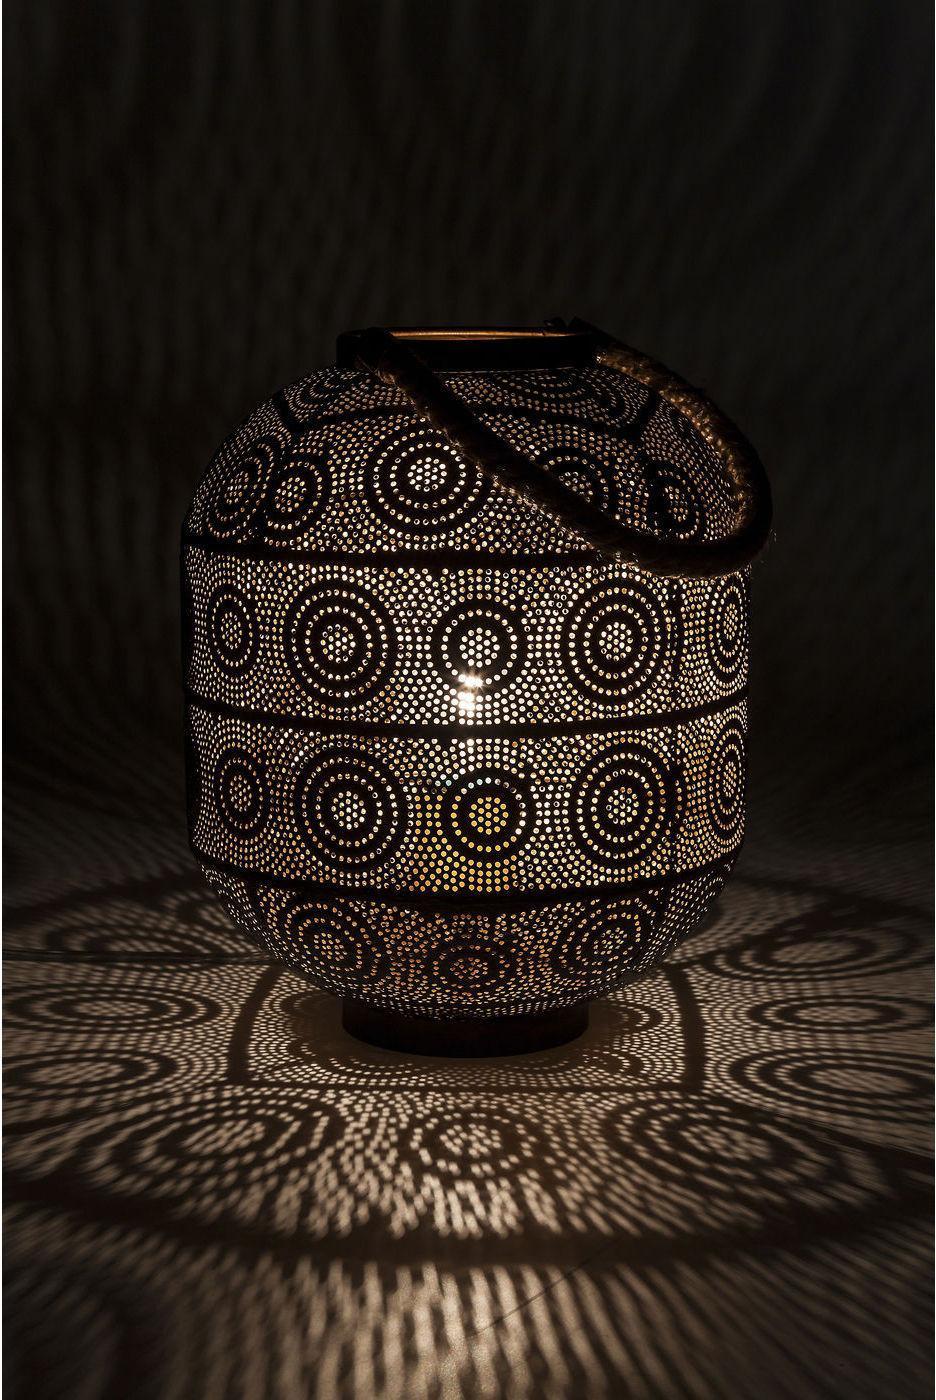 Kare Design - Vloerlamp Sultan - H31 Cm - Zwart